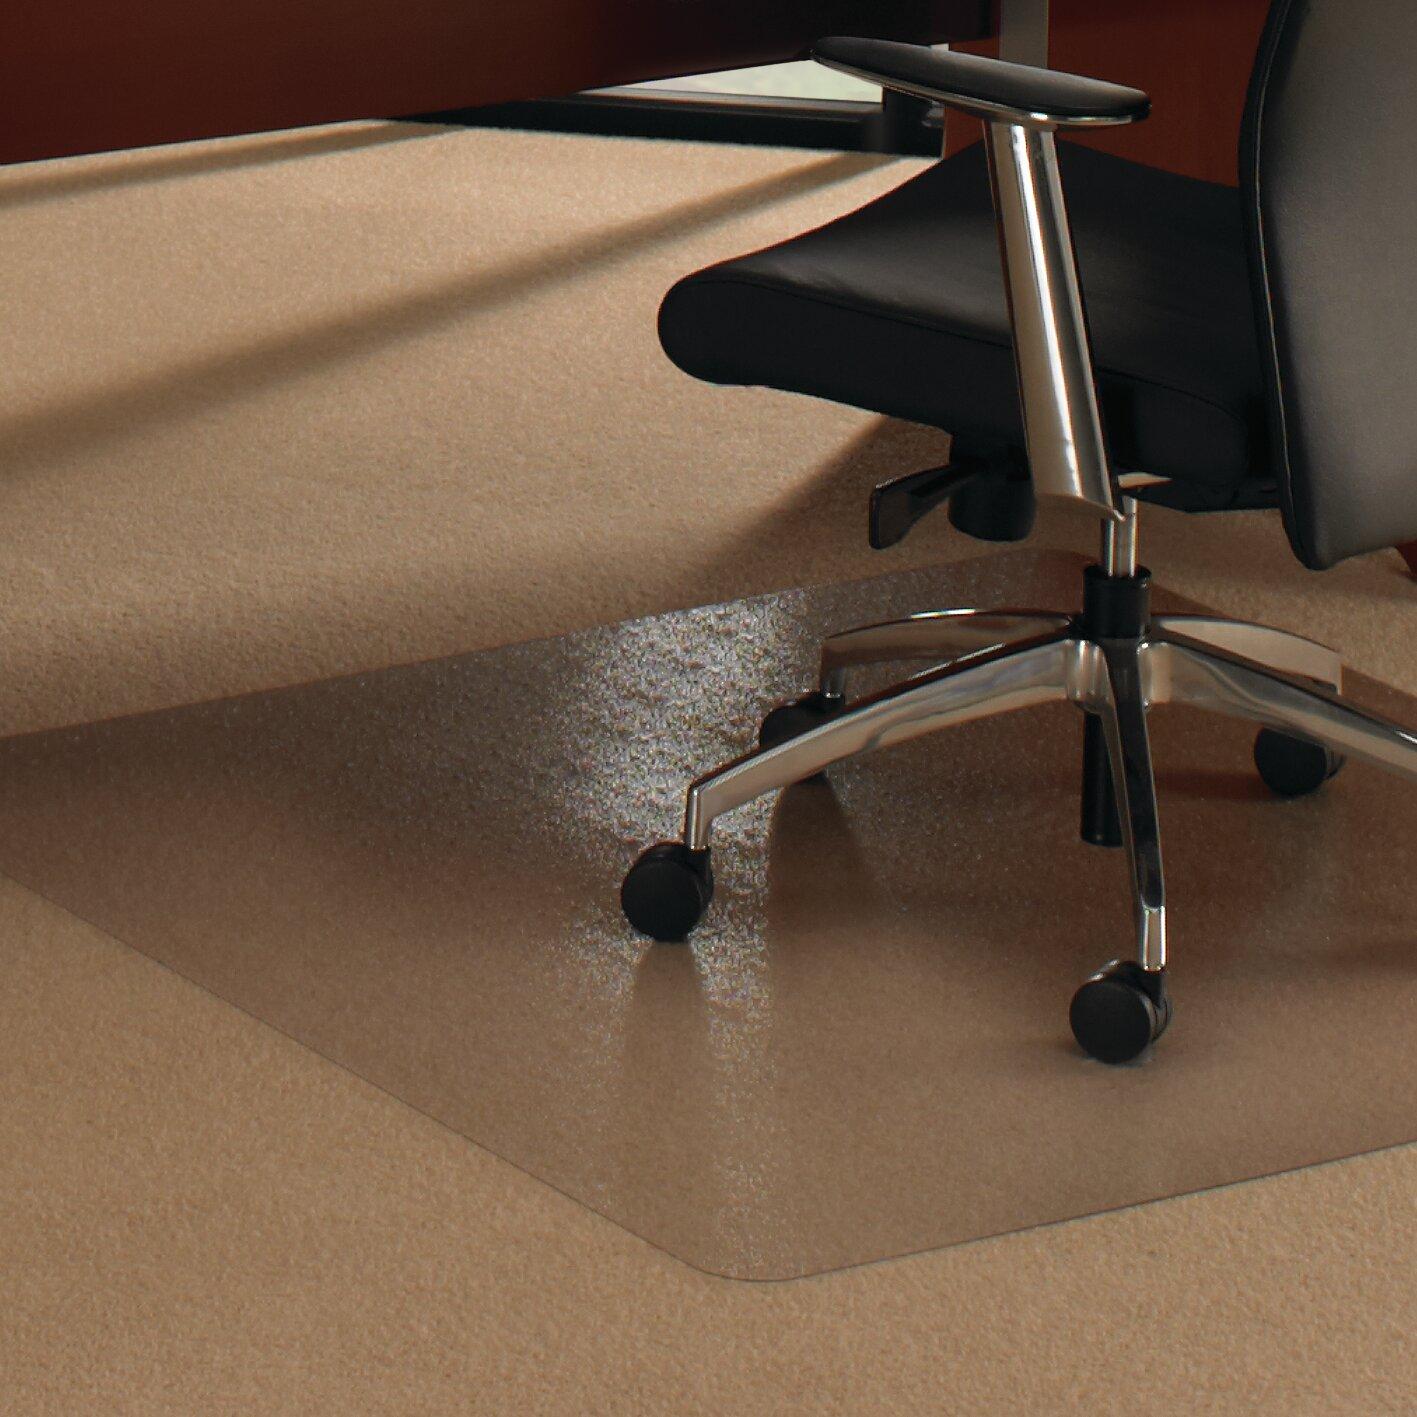 Büro & Schreibwaren Aggressiv Bodenschutzmatten Für Hartböden In 6 Größen Bürostuhlunterlage Bodenschutzmatte Büromöbel